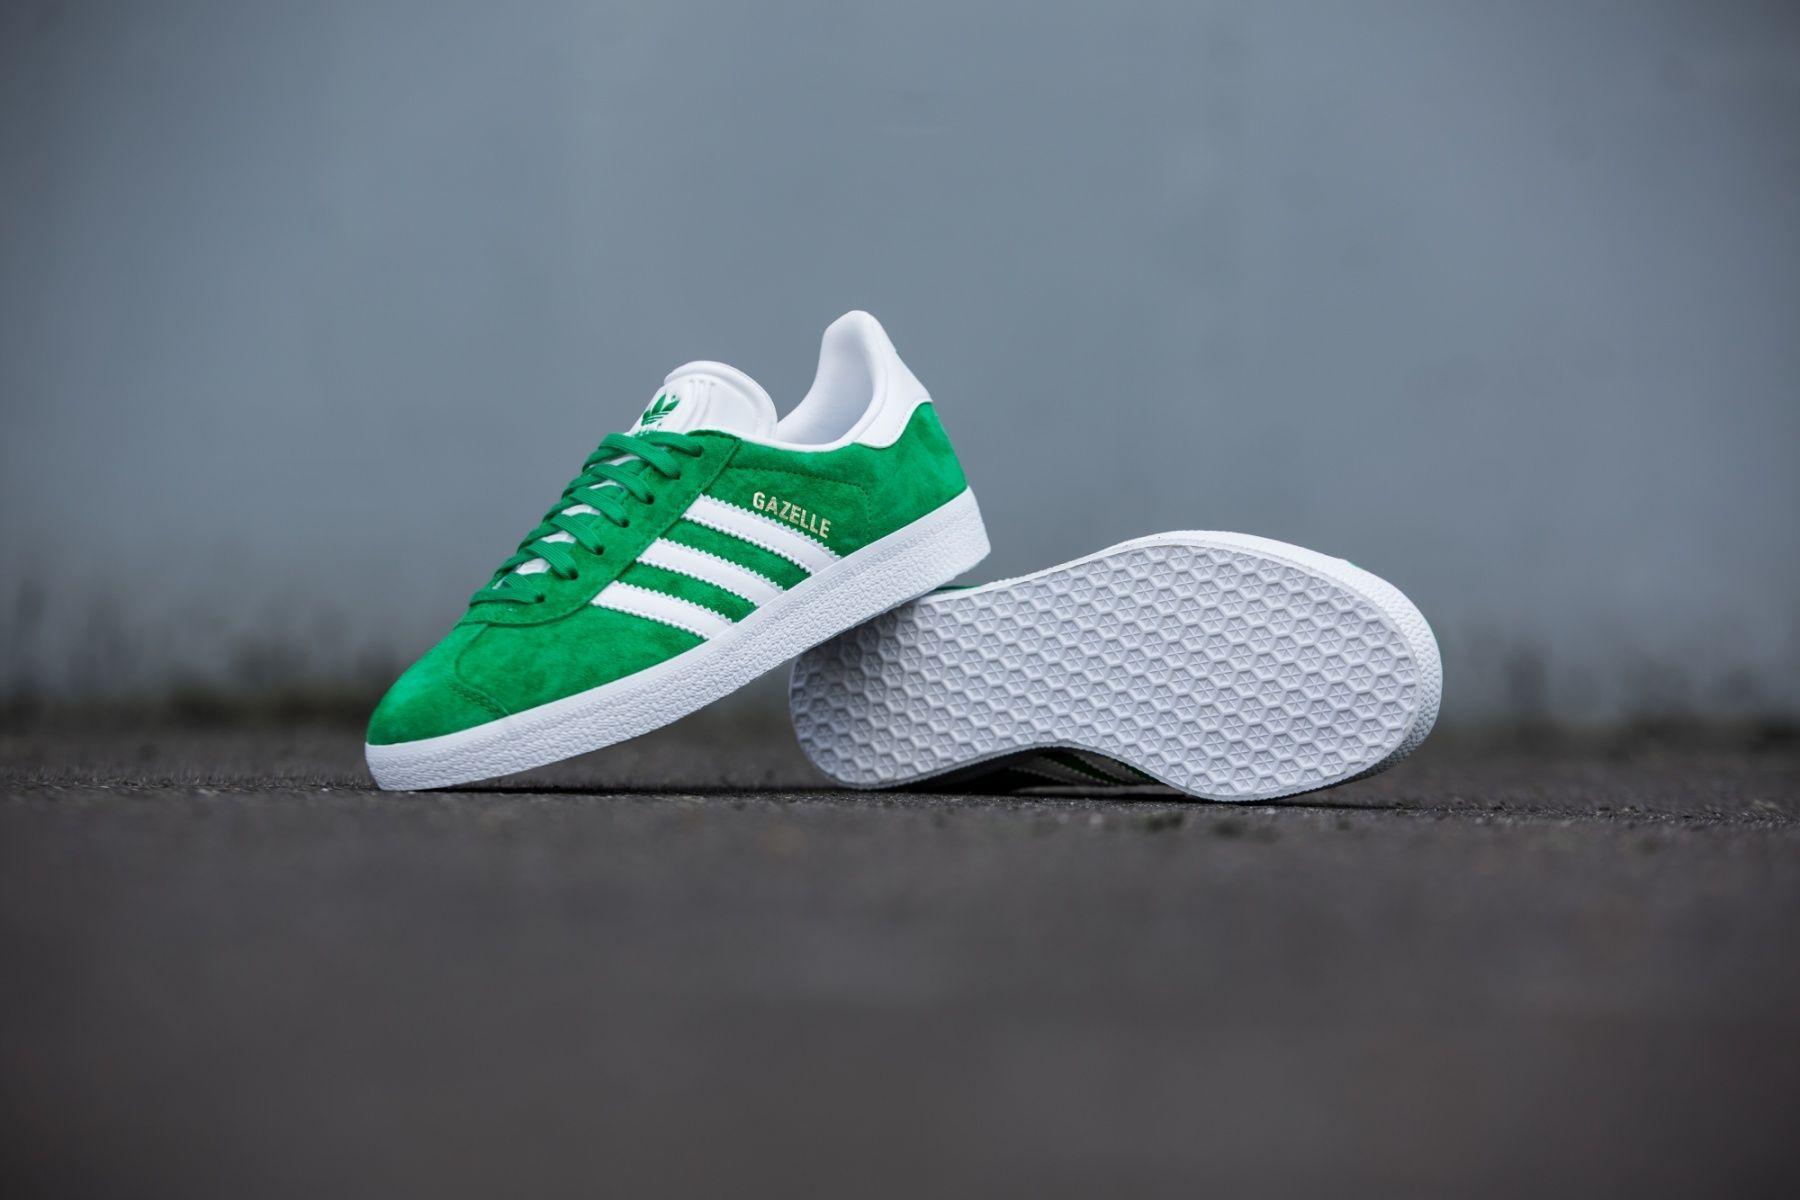 Adidas Mens Gazelle Green White Gold